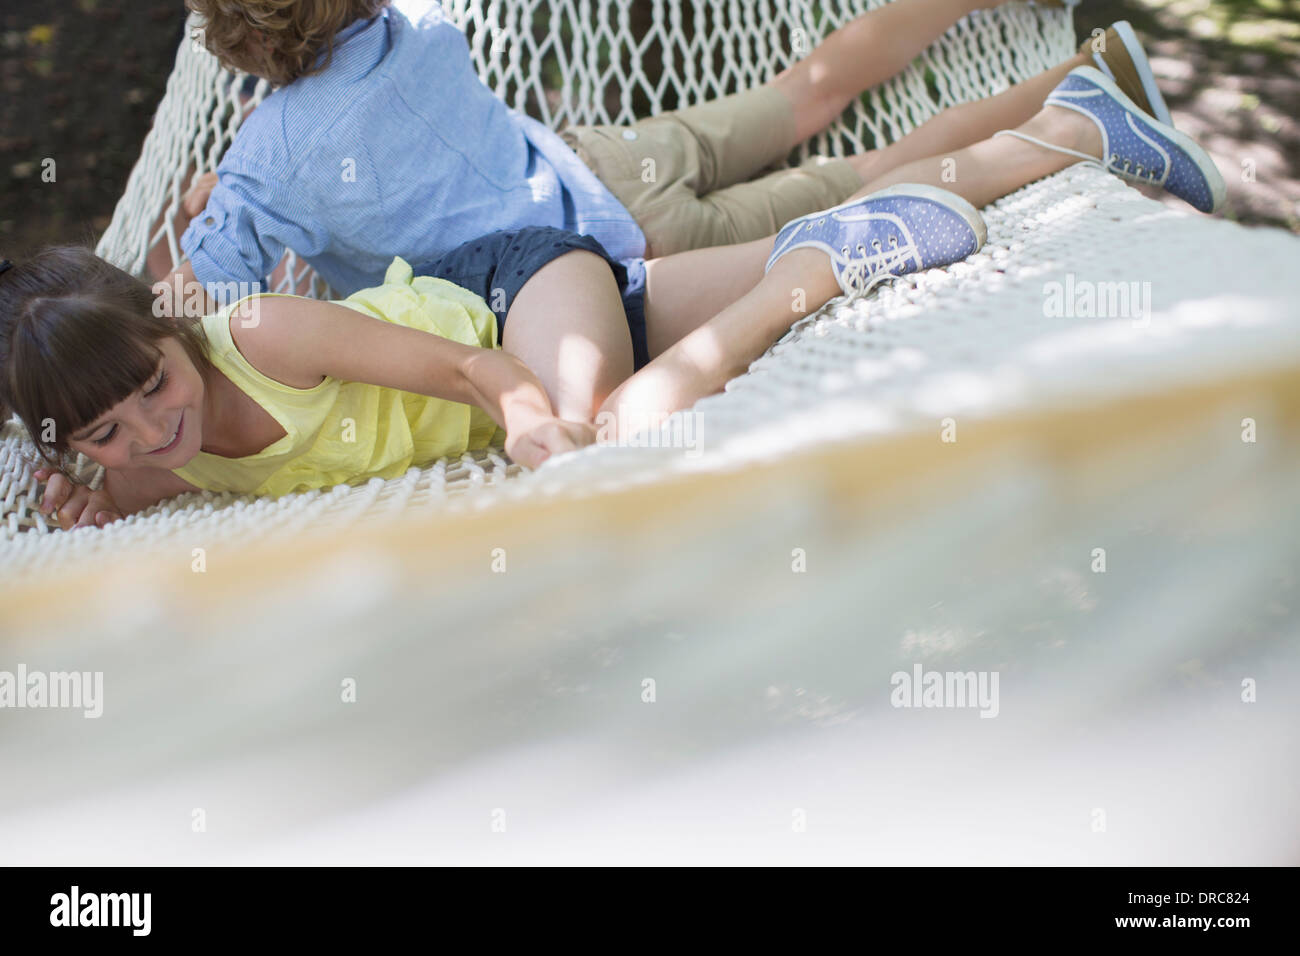 Children relaxing in hammock outdoors - Stock Image